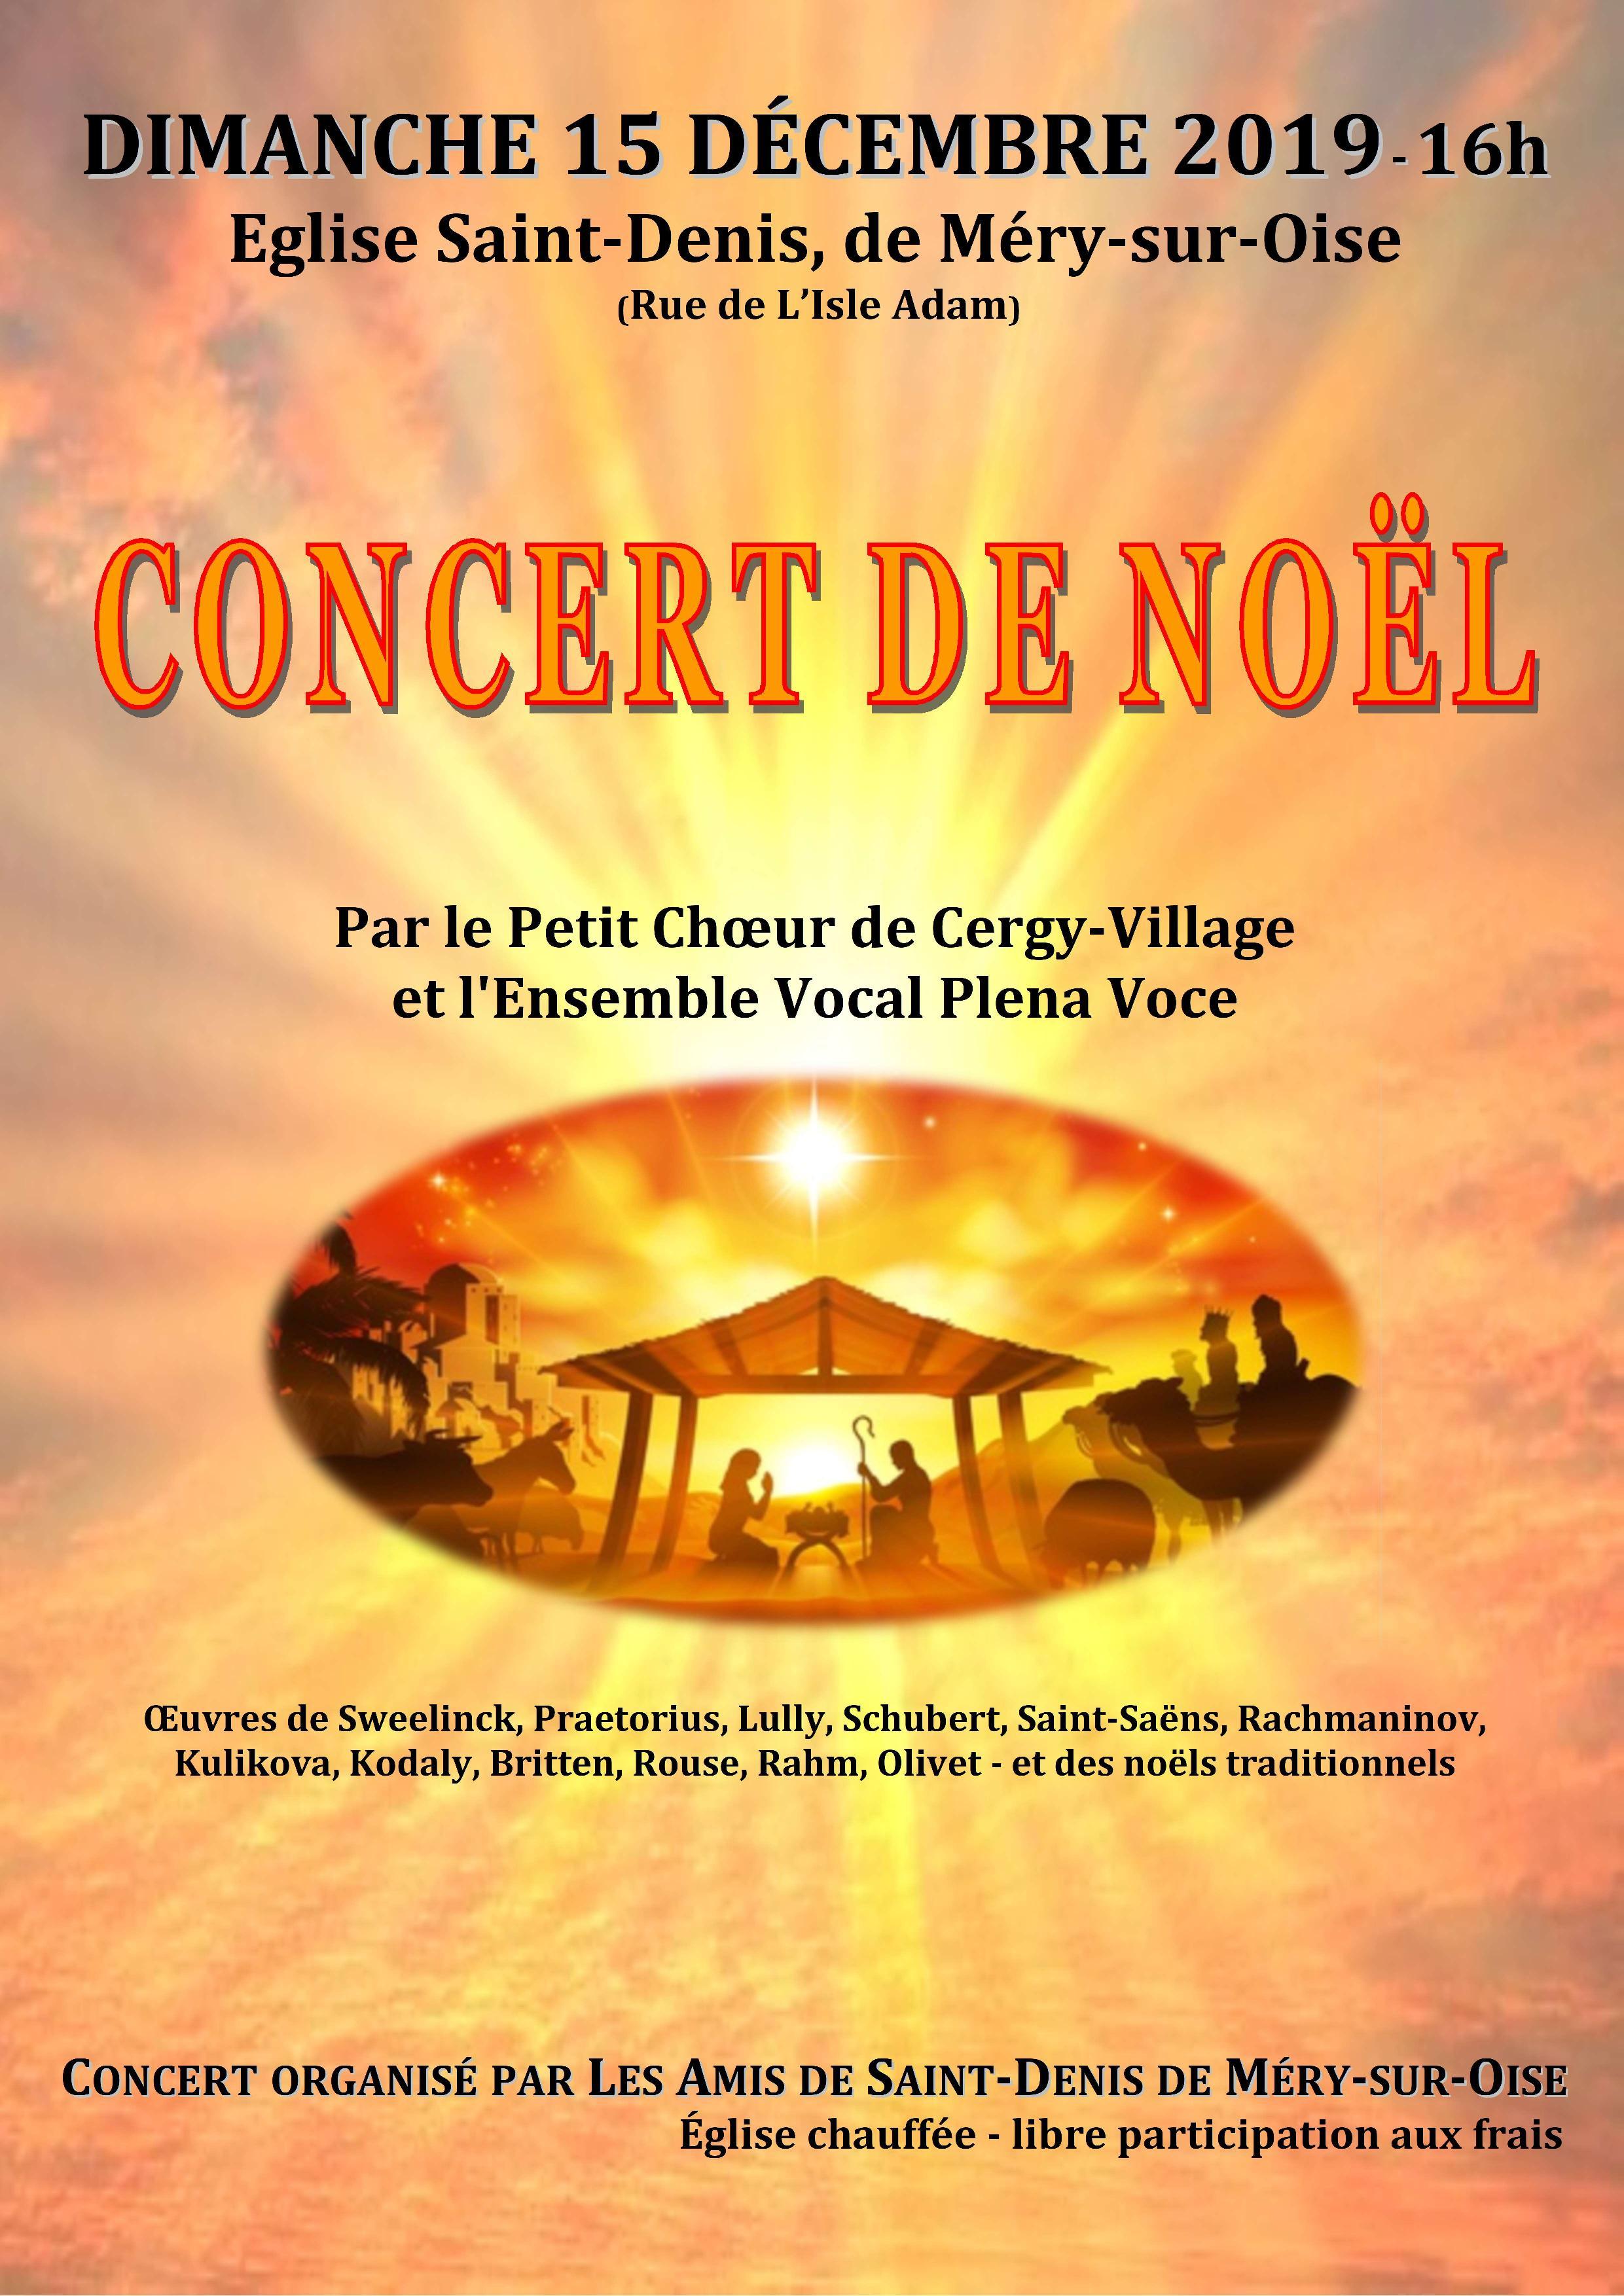 concert du 15 décembre 2019 à Méry-sur-Oise